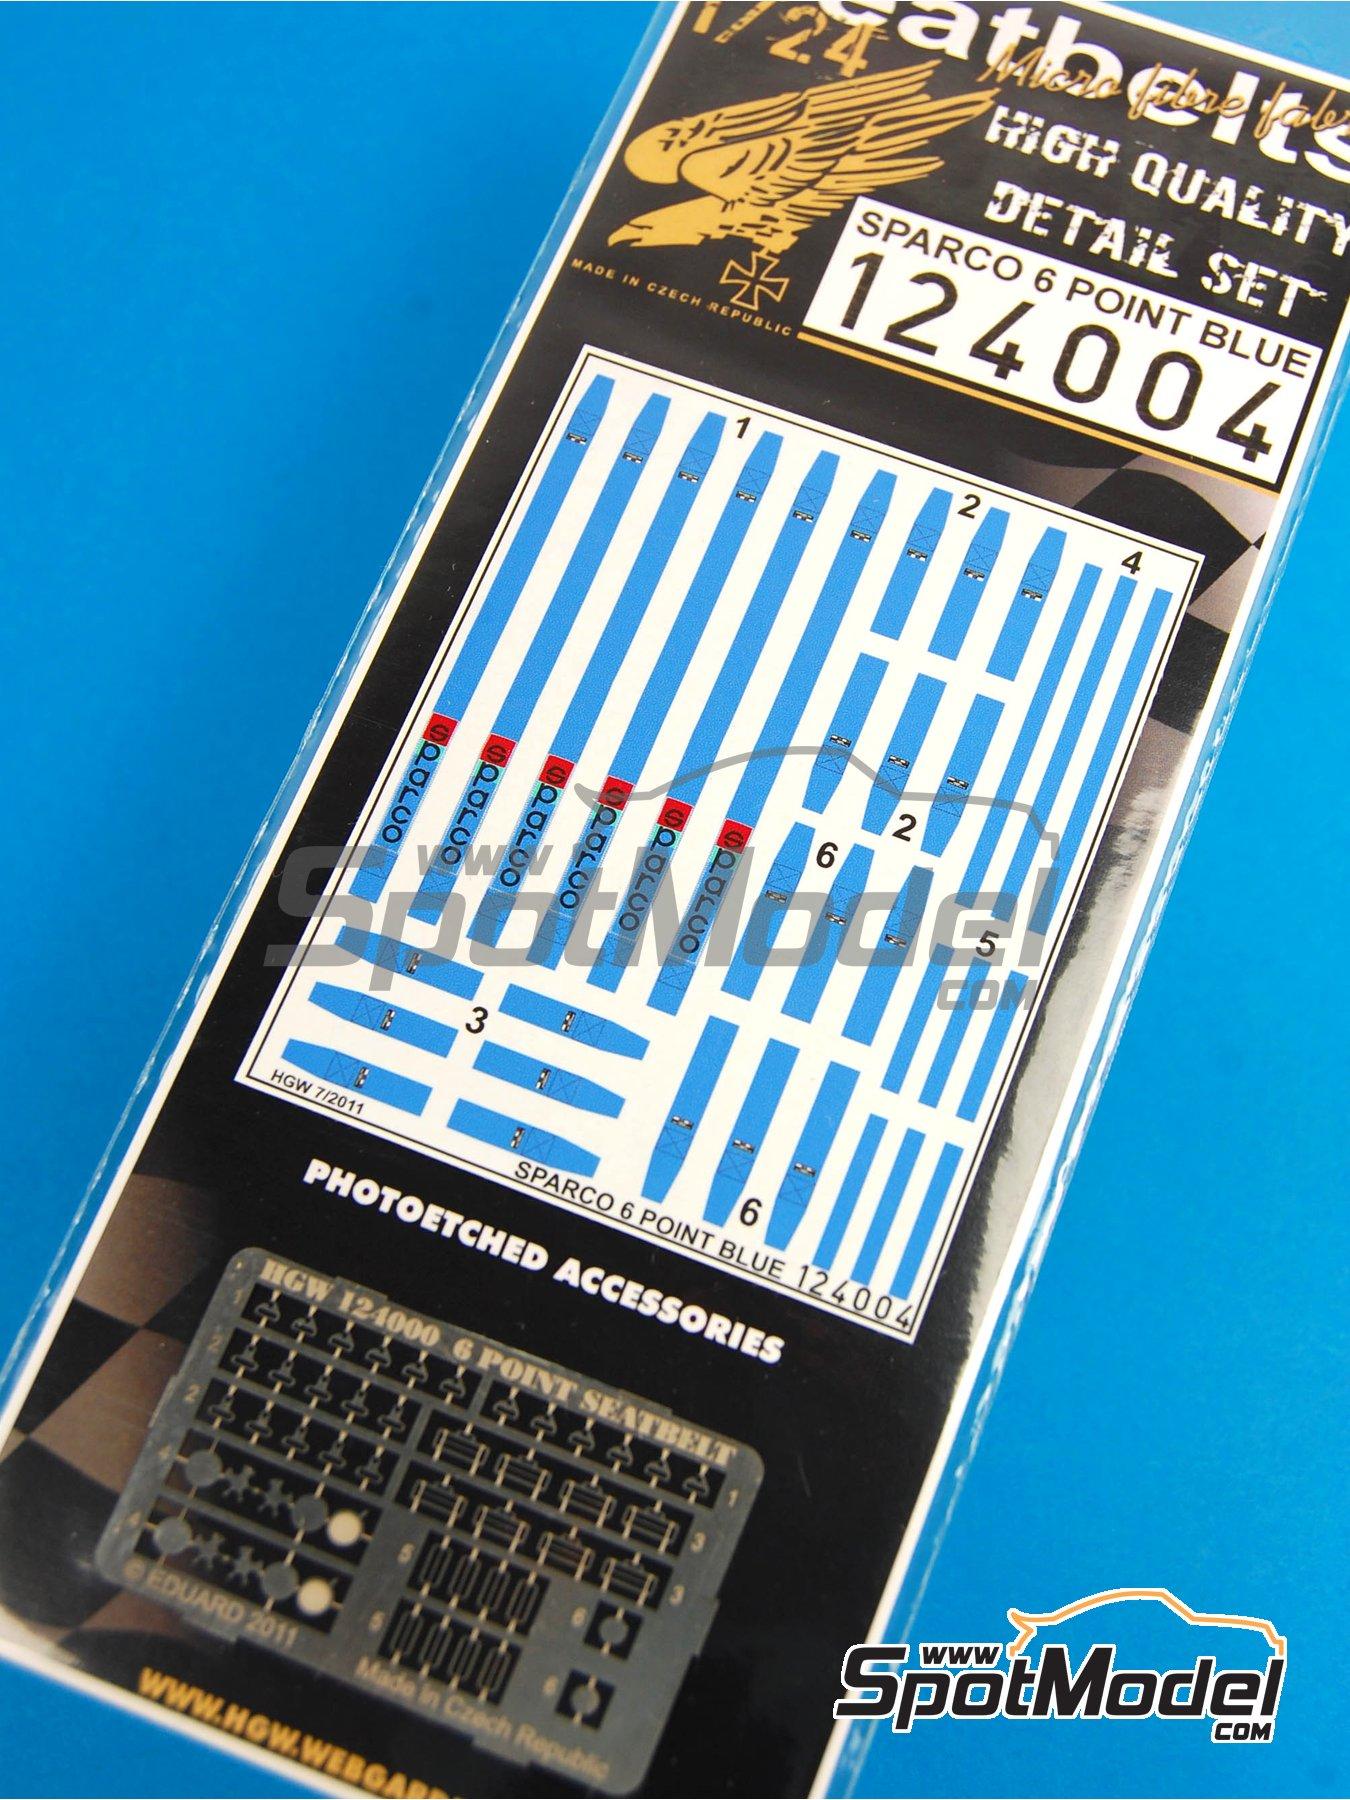 Juego de arnes de 6 puntos Sparco - Color azul | Cinturones en escala1/24 fabricado por HGW (ref.124004) image